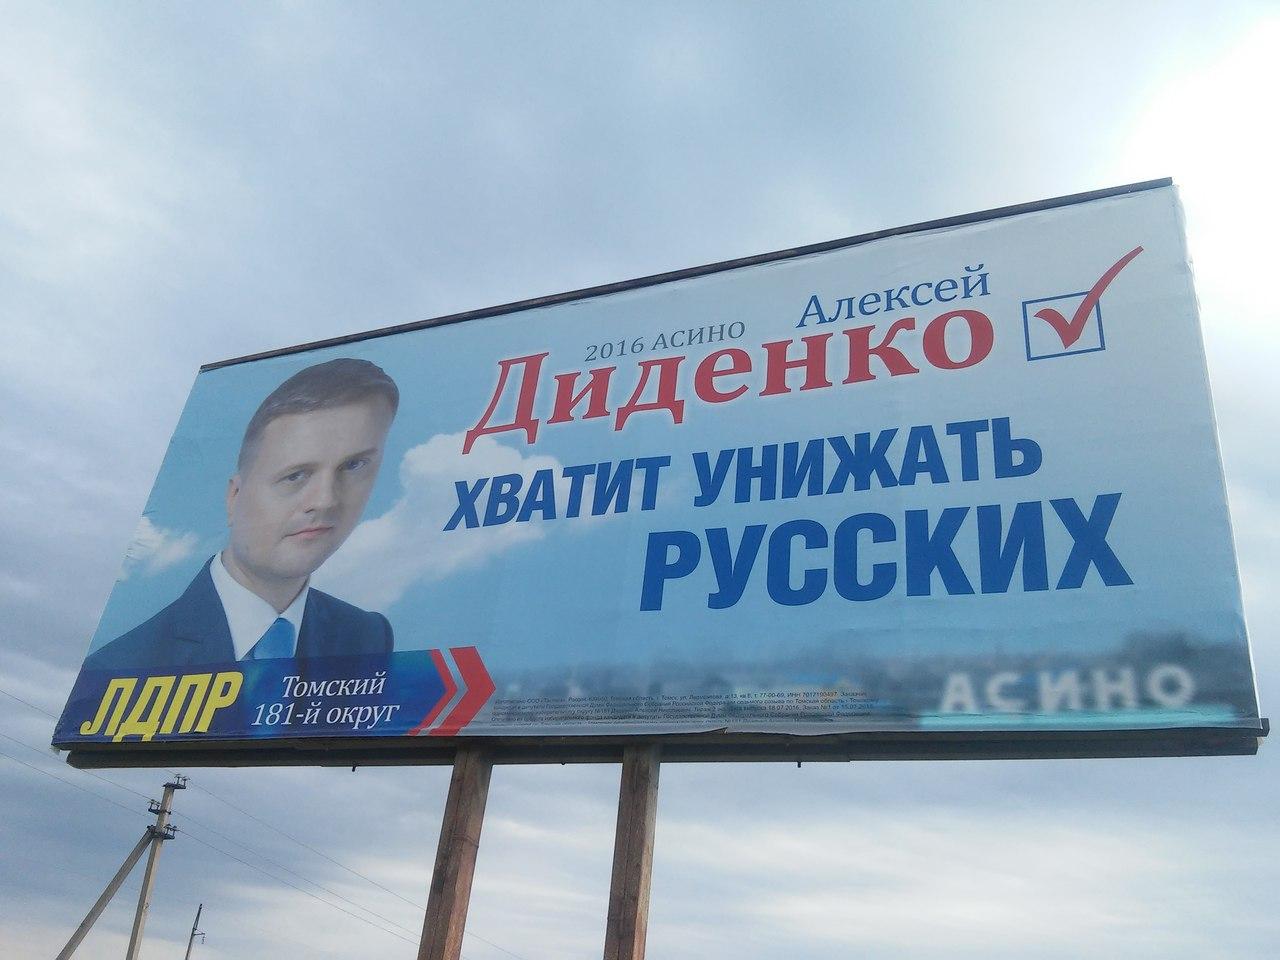 Кандидат от «Коммунистов России» Андрей Волков требует через суд аннулировать регистрацию кандидата от «ЛДПР» Алексея Диденко